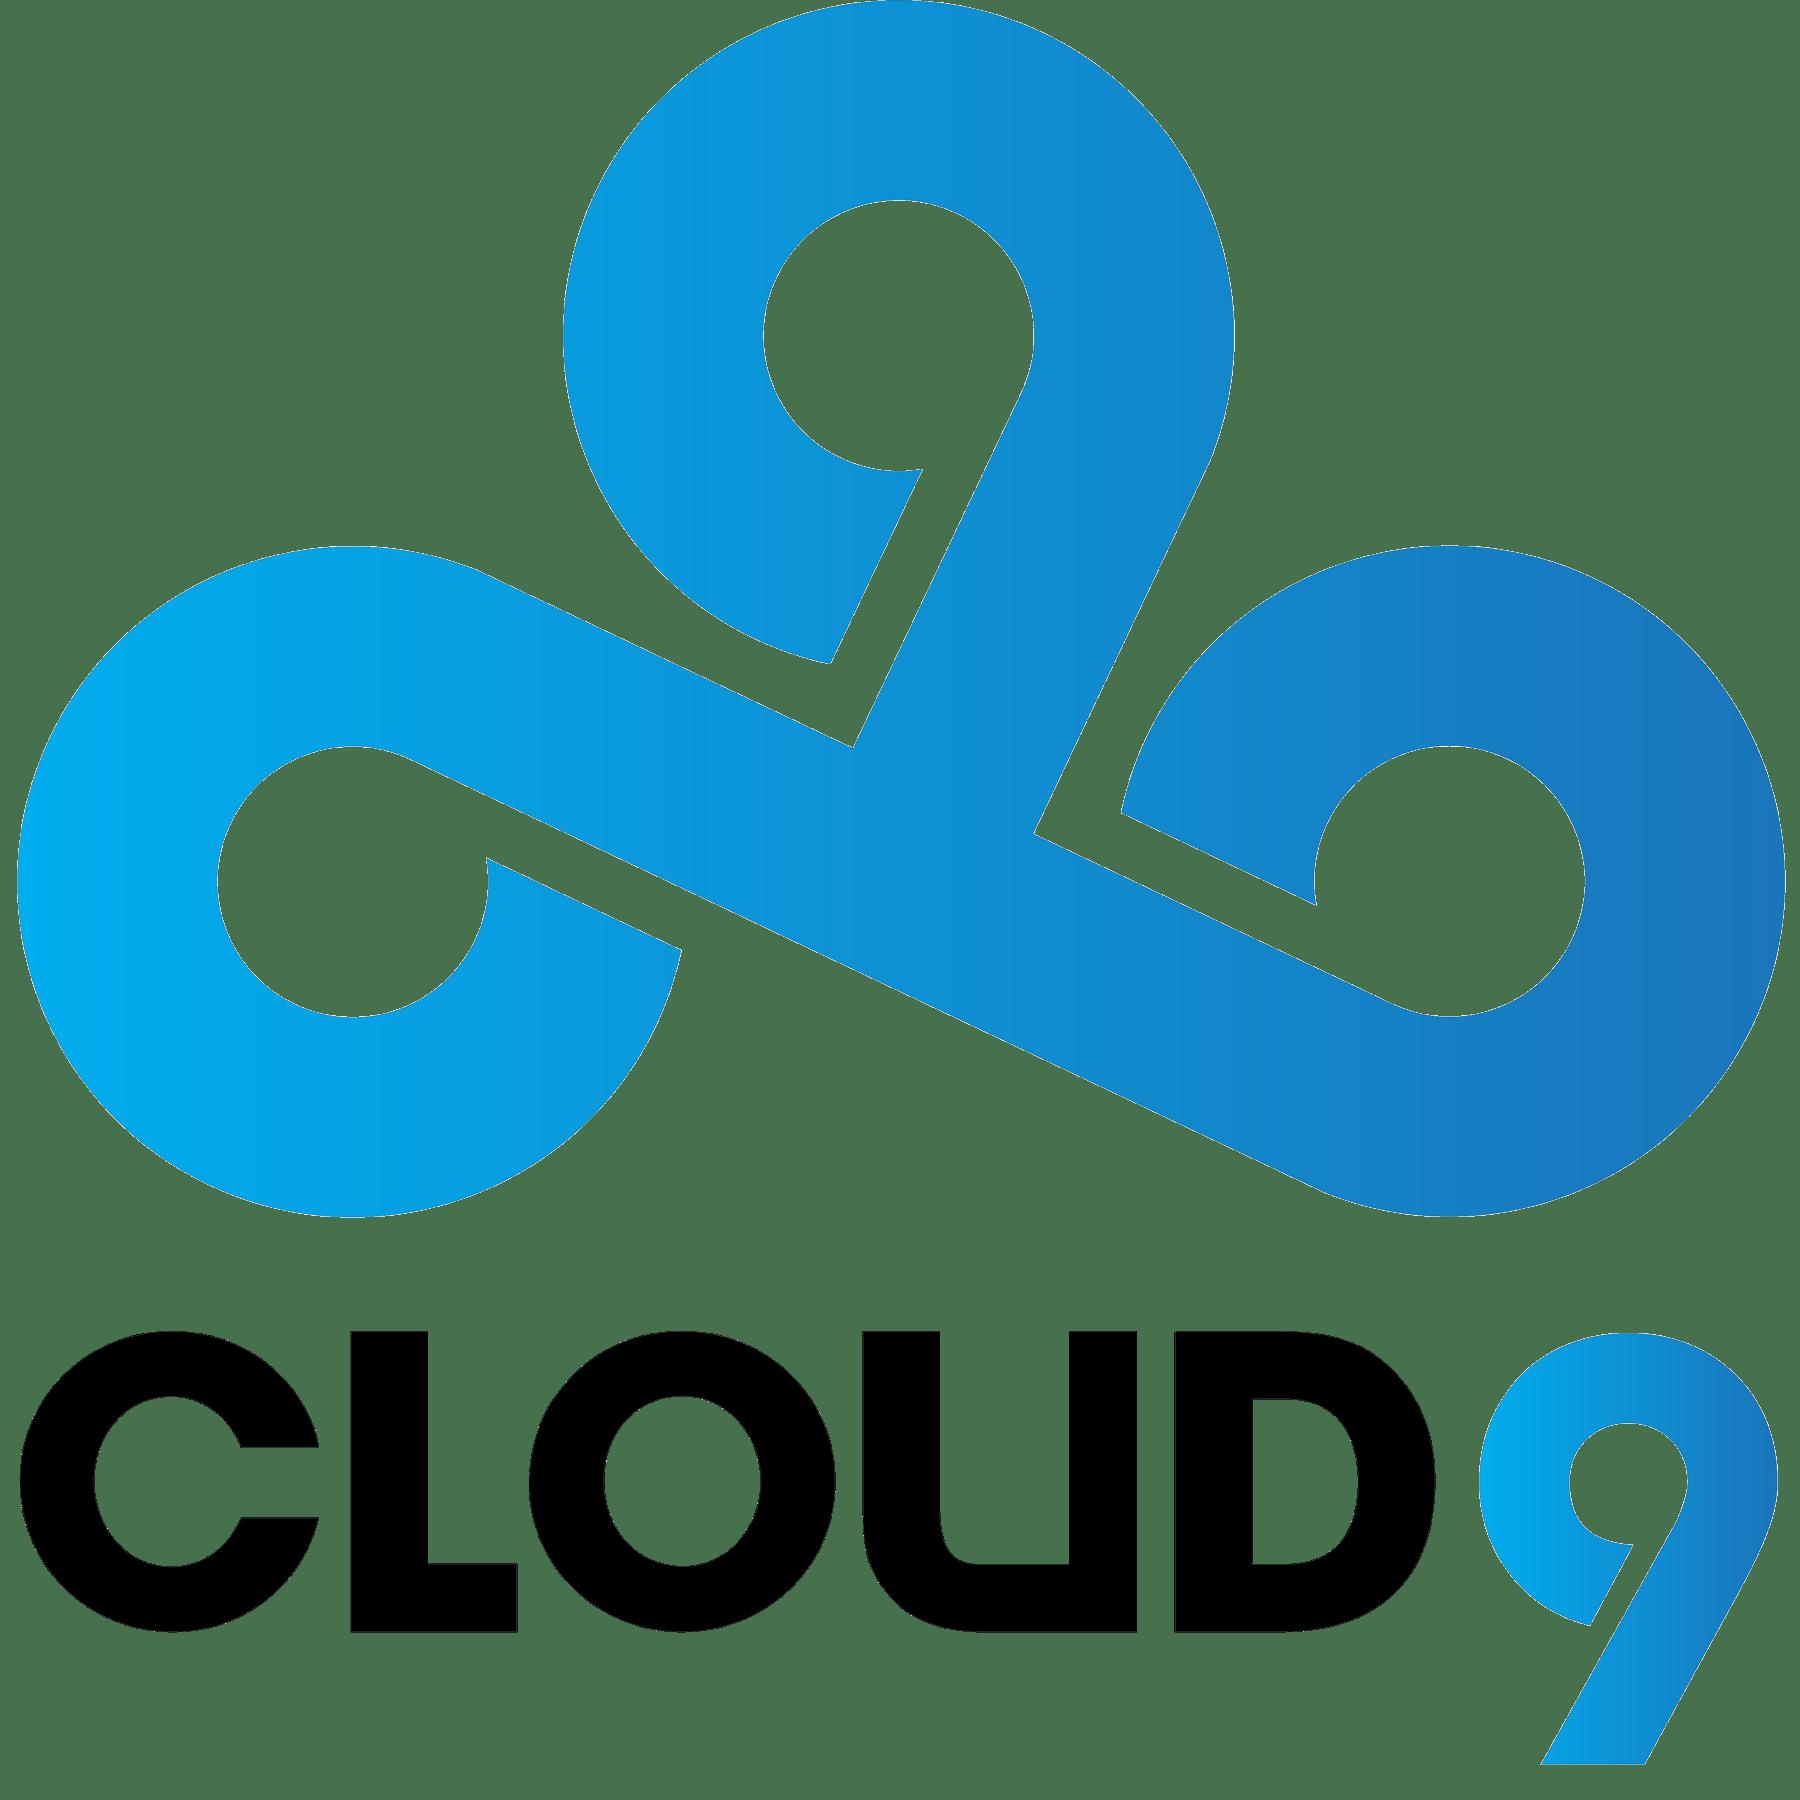 Cloud9 League of Legends